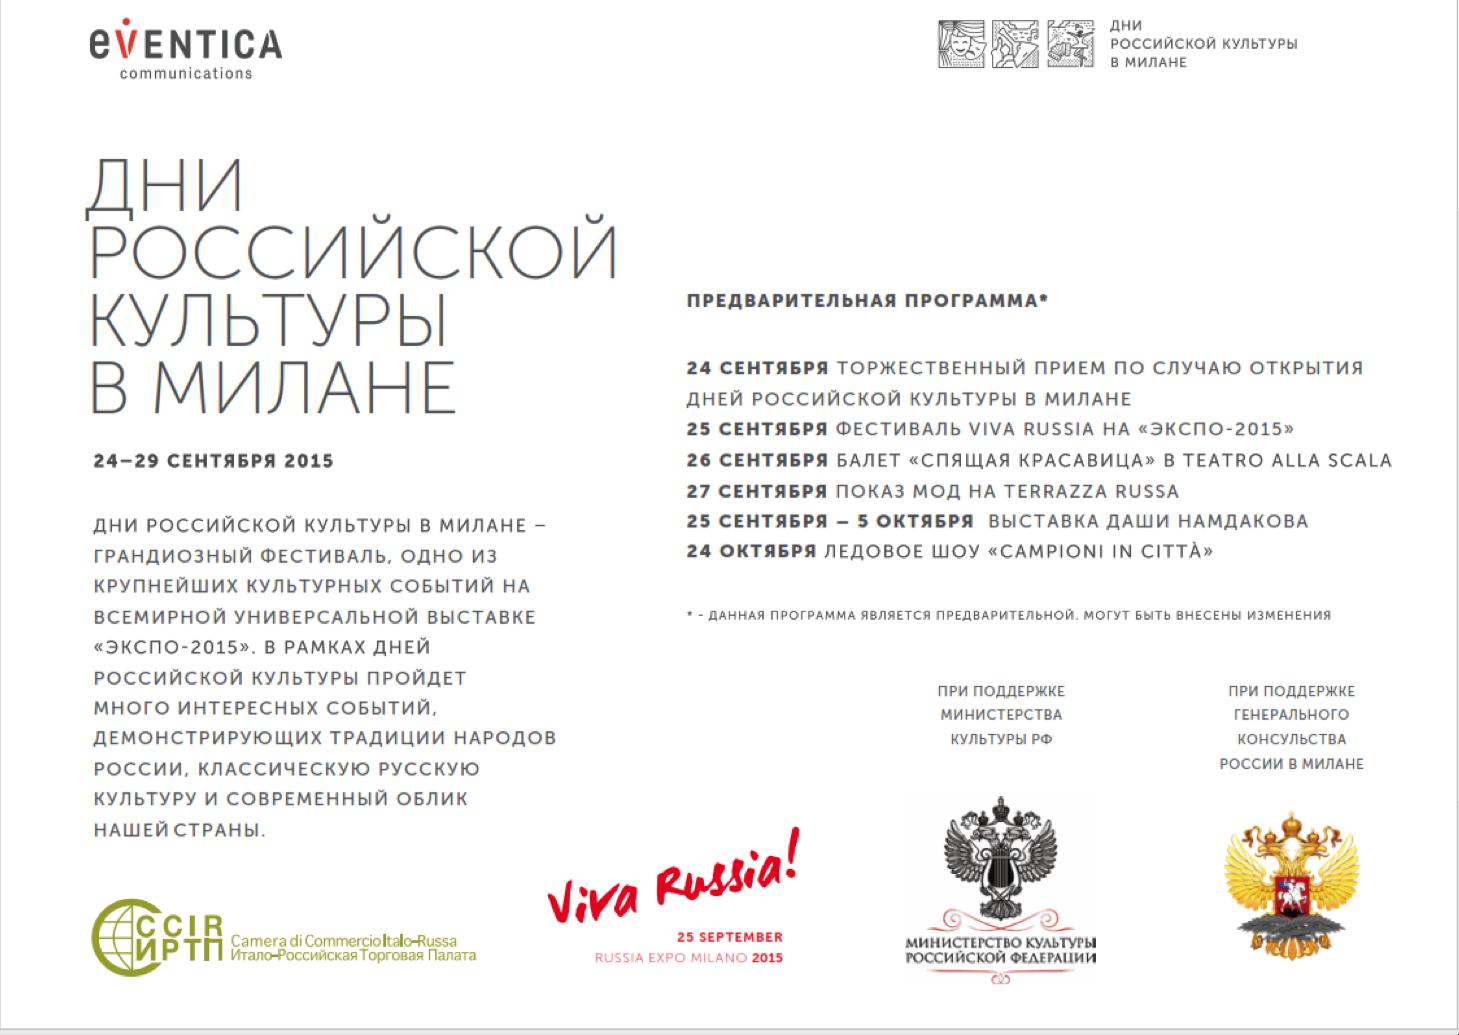 programma RussiaExpo